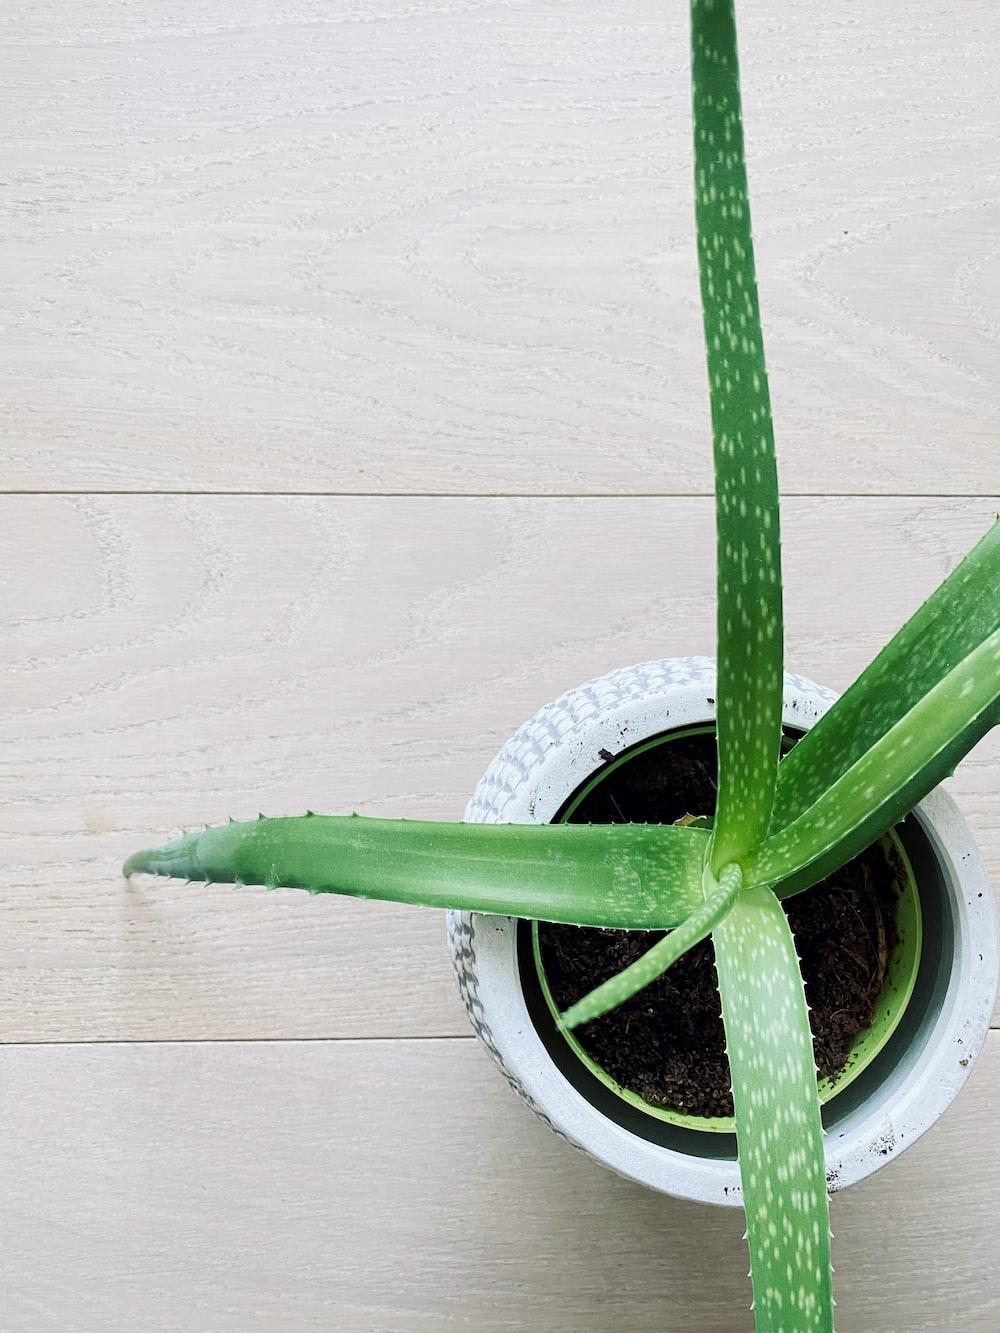 green Aloe Vera plant with pot